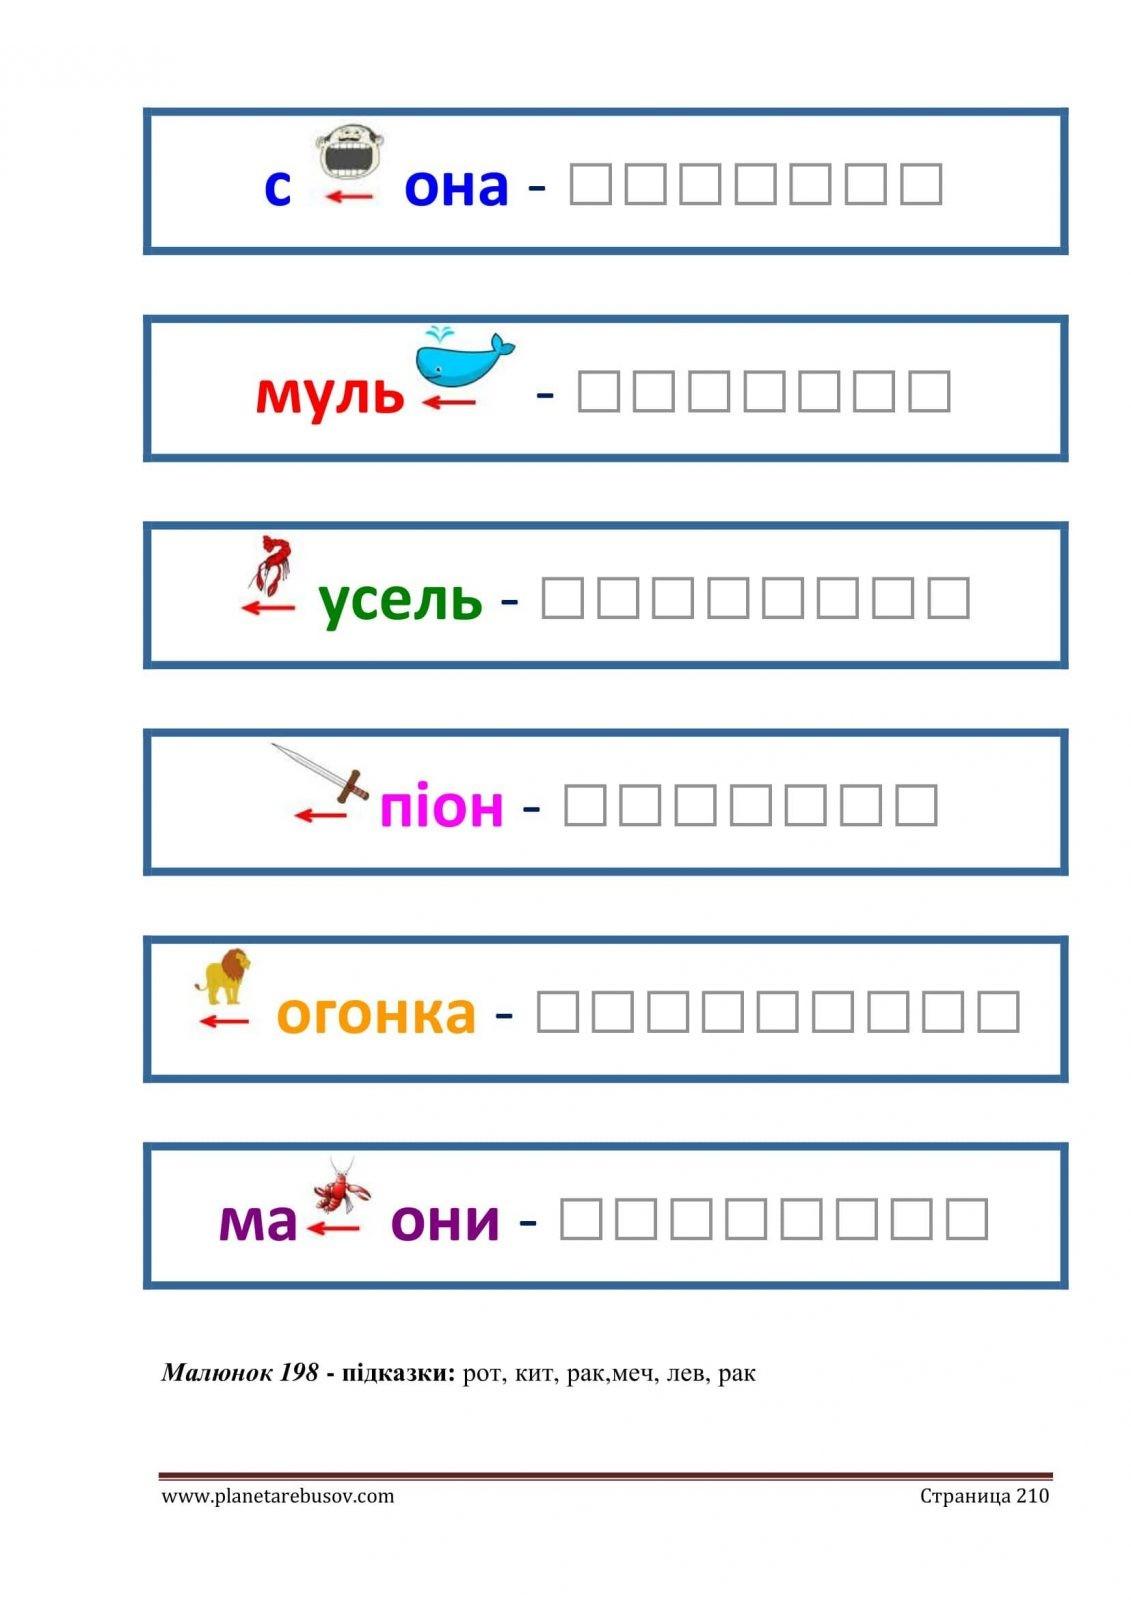 Ребусы на украинском. Уровень 3 — стр 210